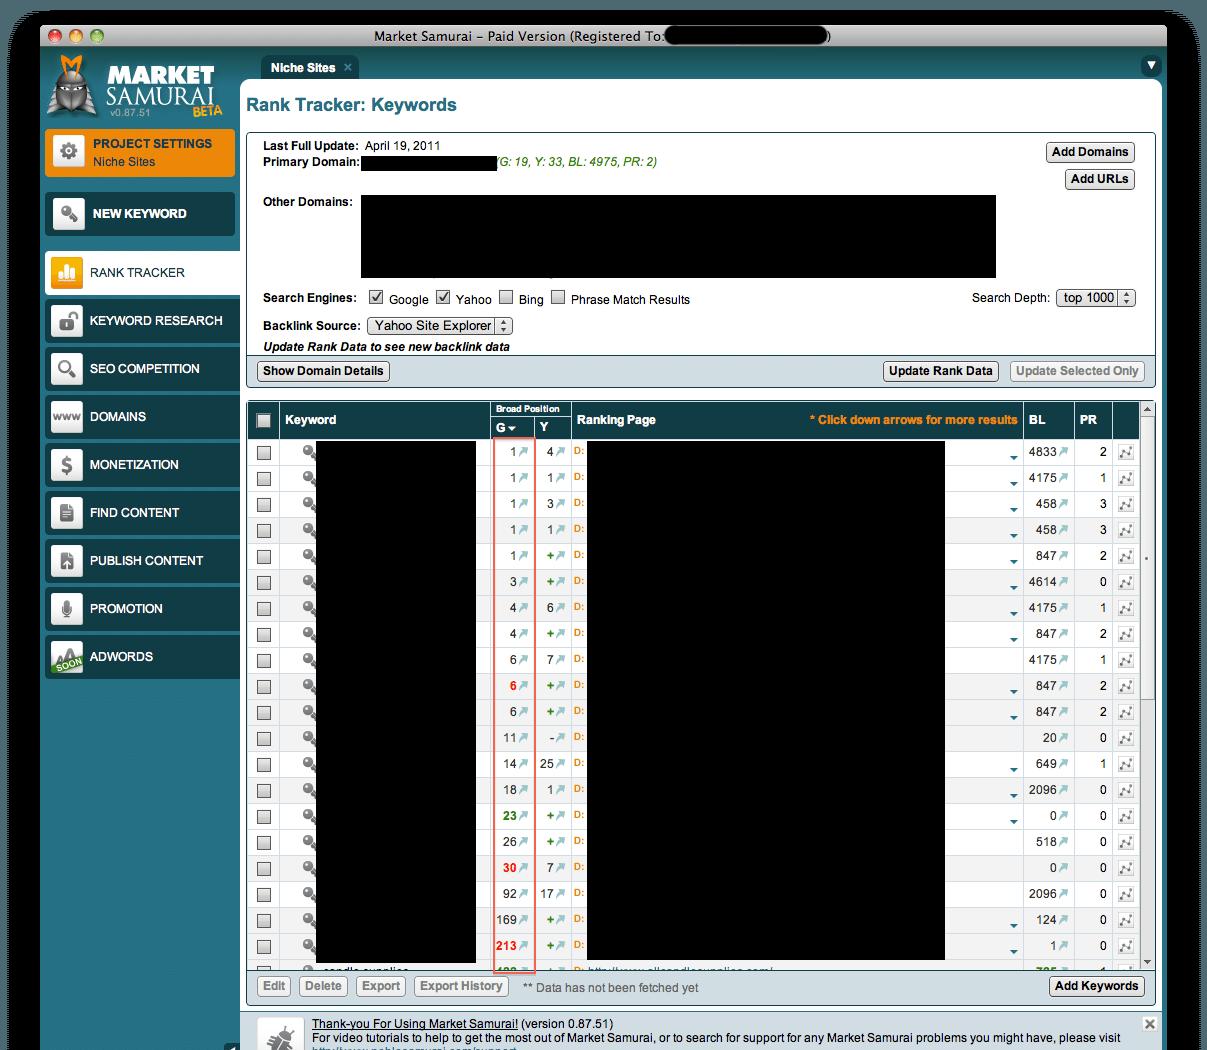 Market Samurai Rankings